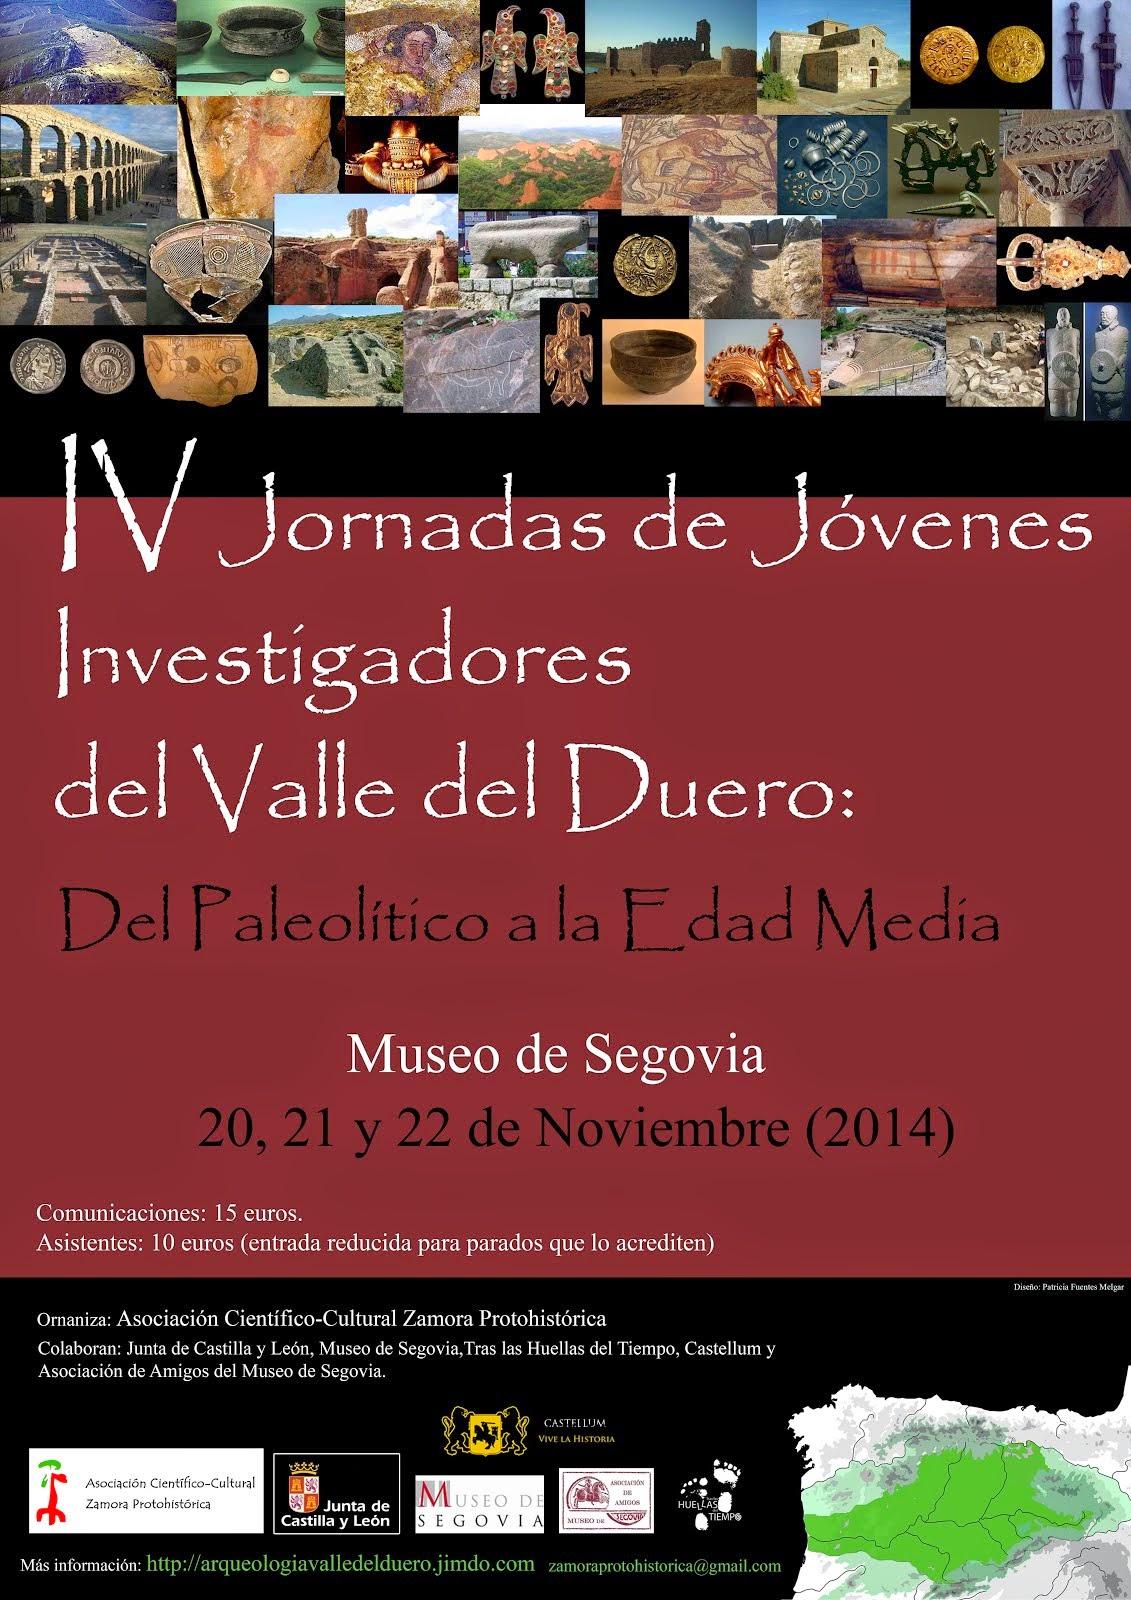 IV Jornadas de Jóvenes Investigadores del valle del Duero (Segovia, 2014)